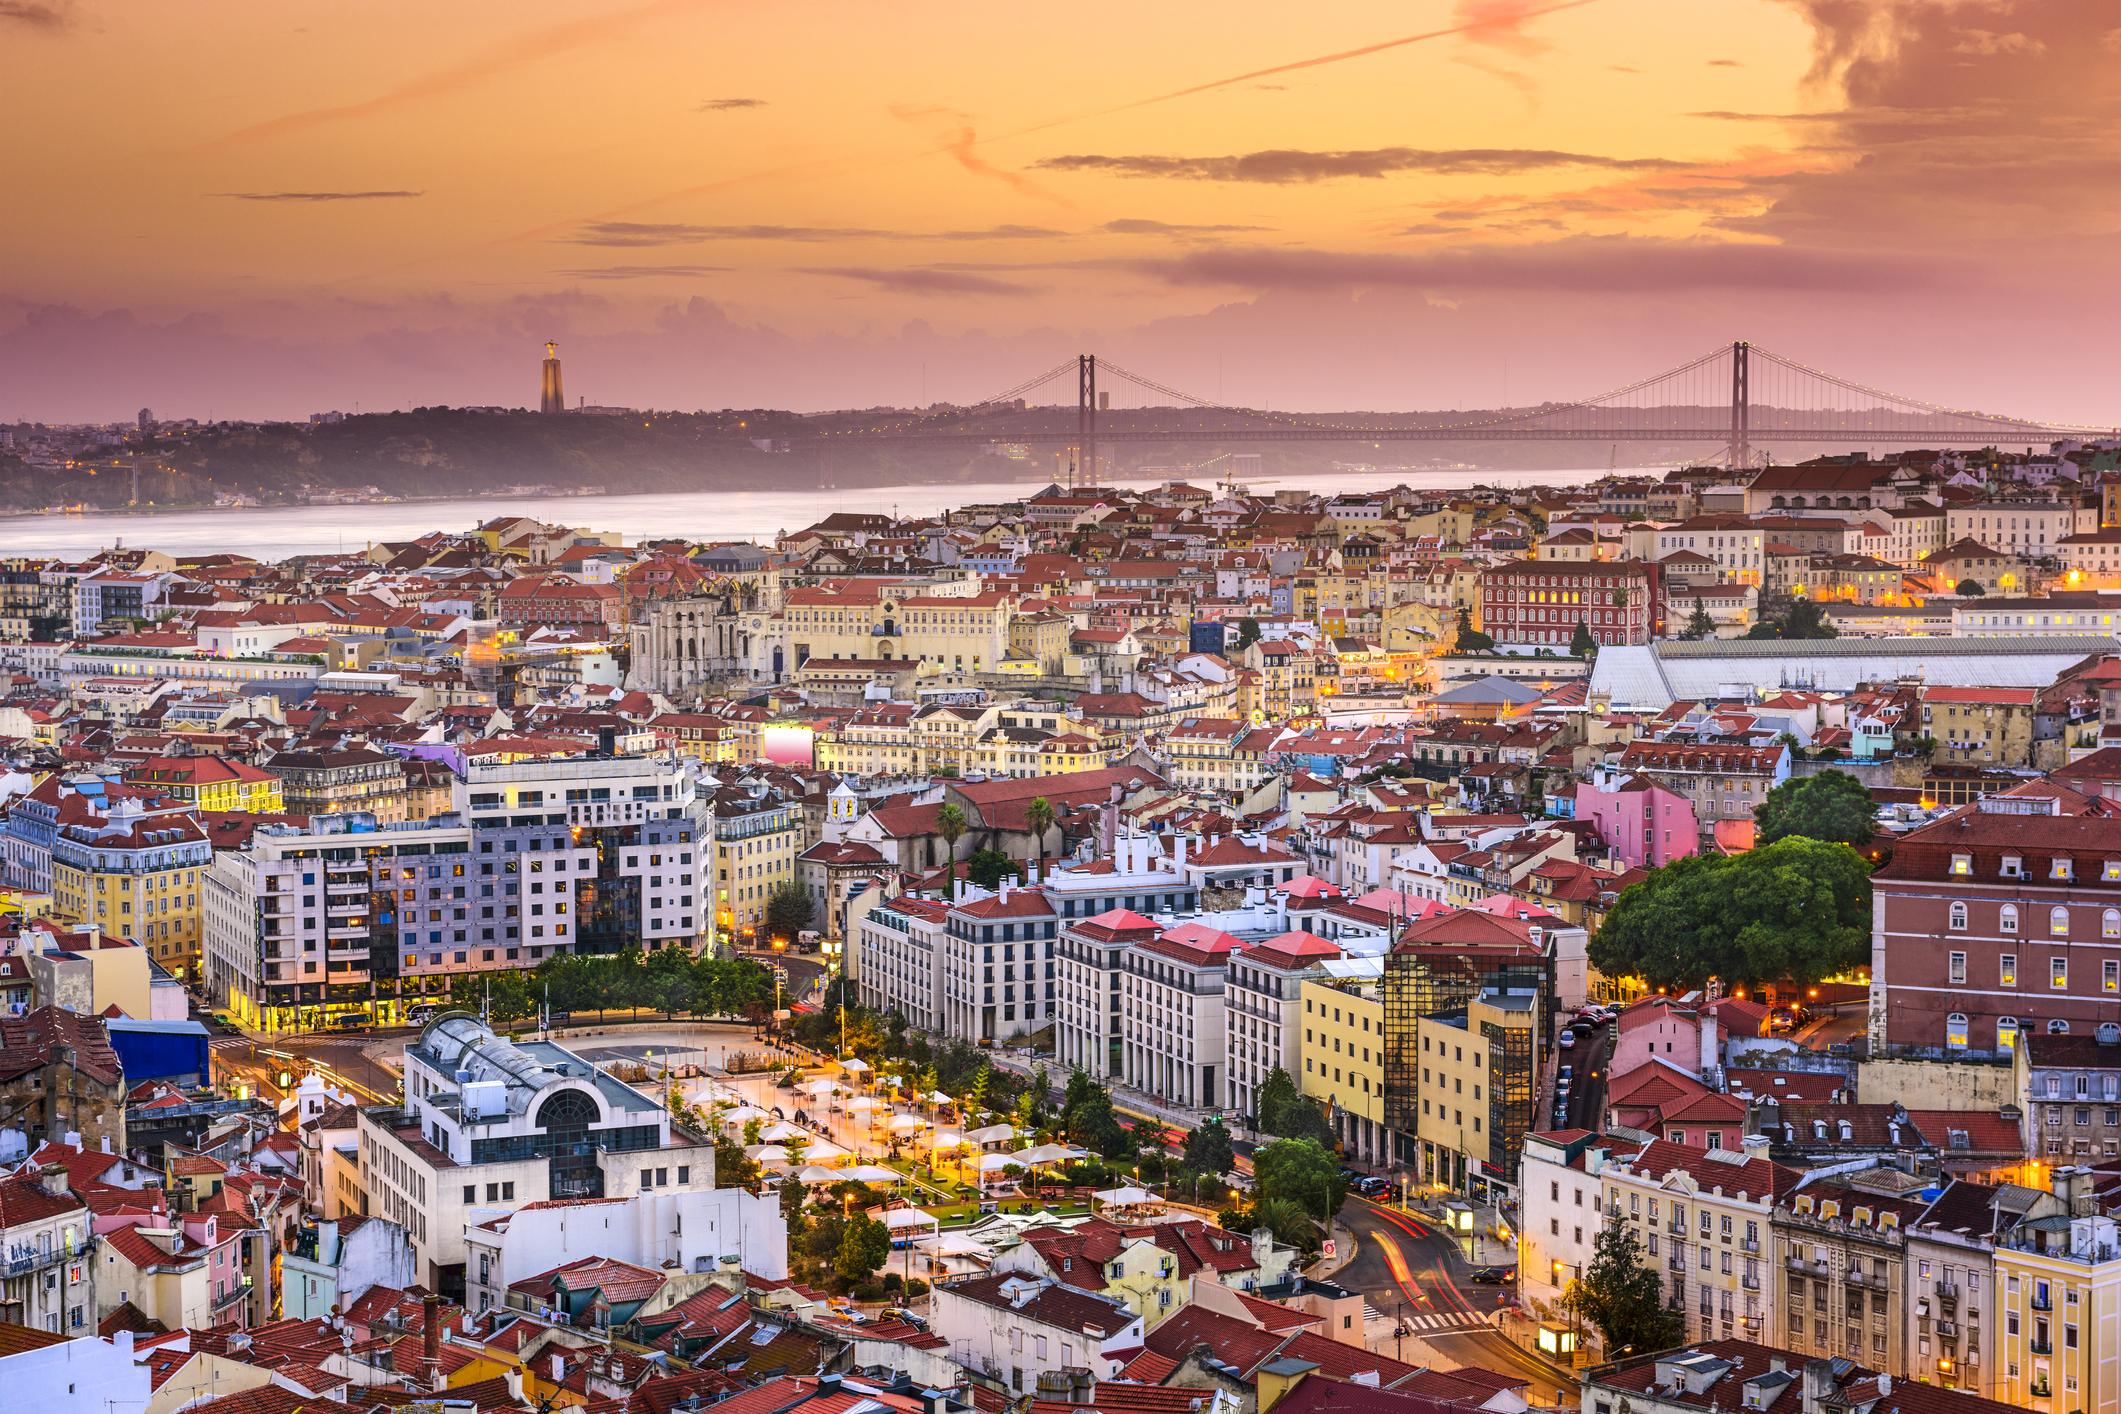 Лисабон - столица и най-голям град на Португалия, с изключителна архитектура, кулинарни вълшебства и топли хора.